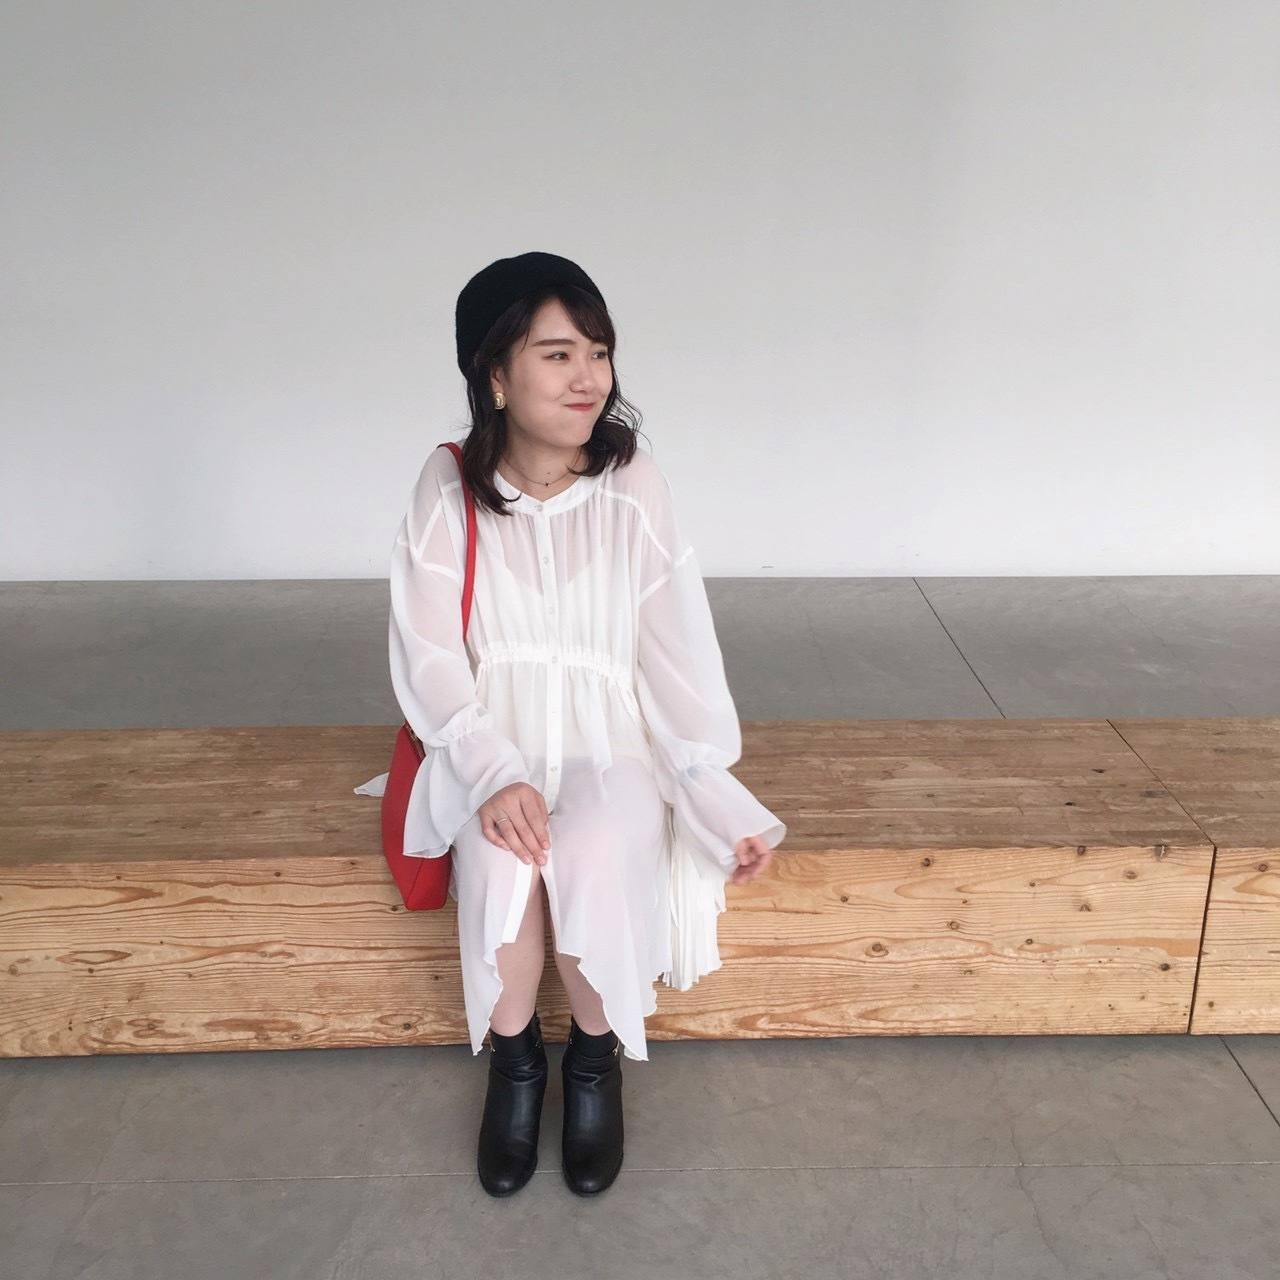 【旅ログ】kumu金沢がおしゃれ過ぎた!!金沢part②_1_13